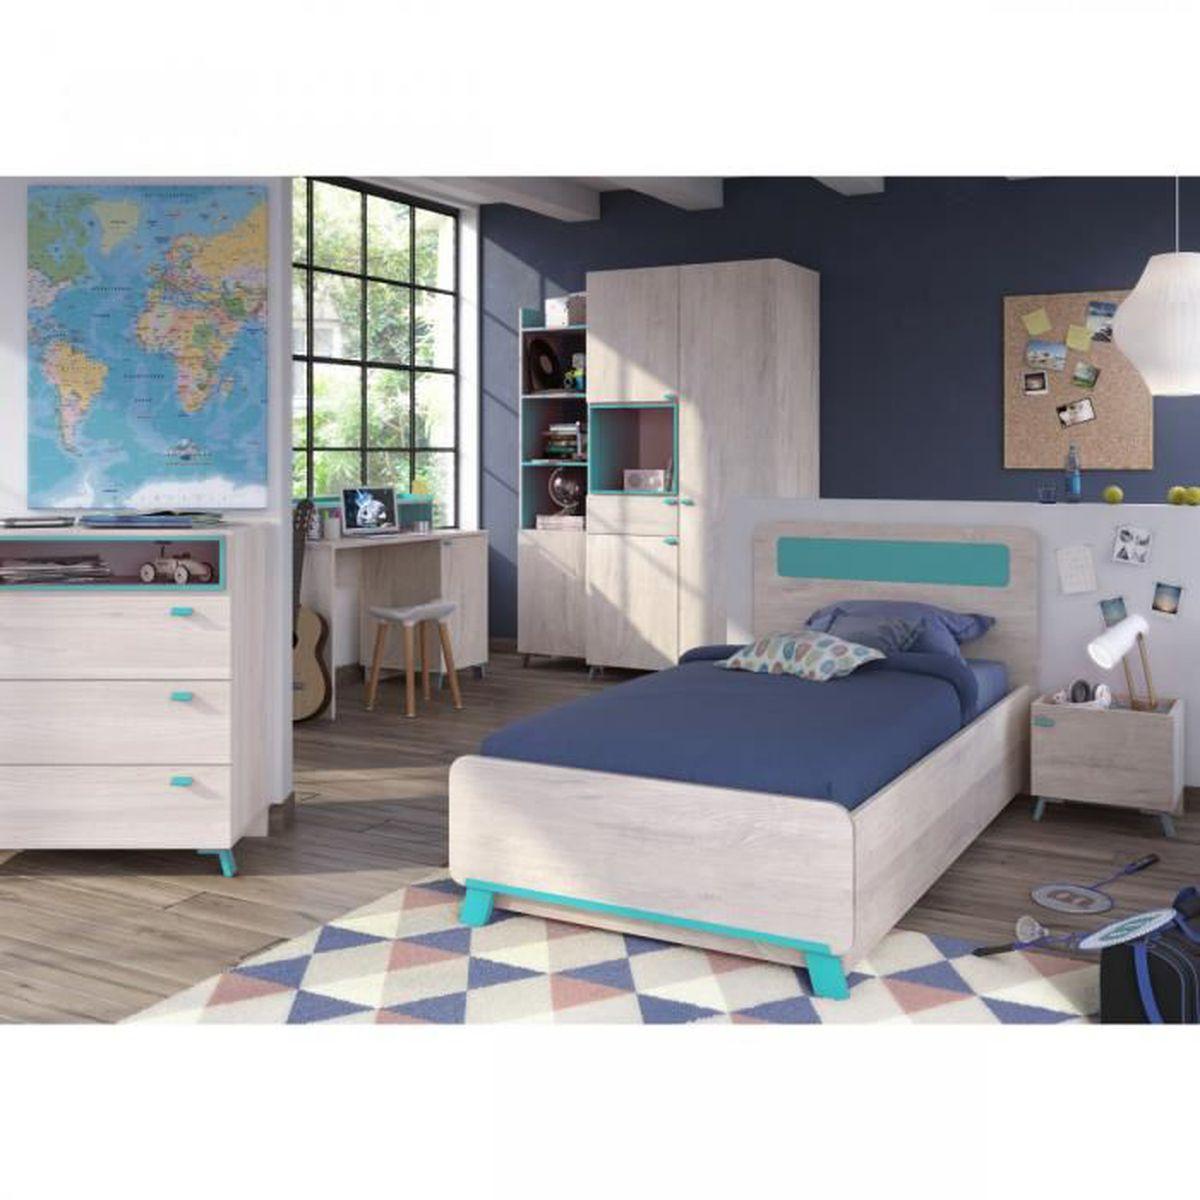 Chambre enfant imitation bois clair et bleu 90x190 CB4007 ...